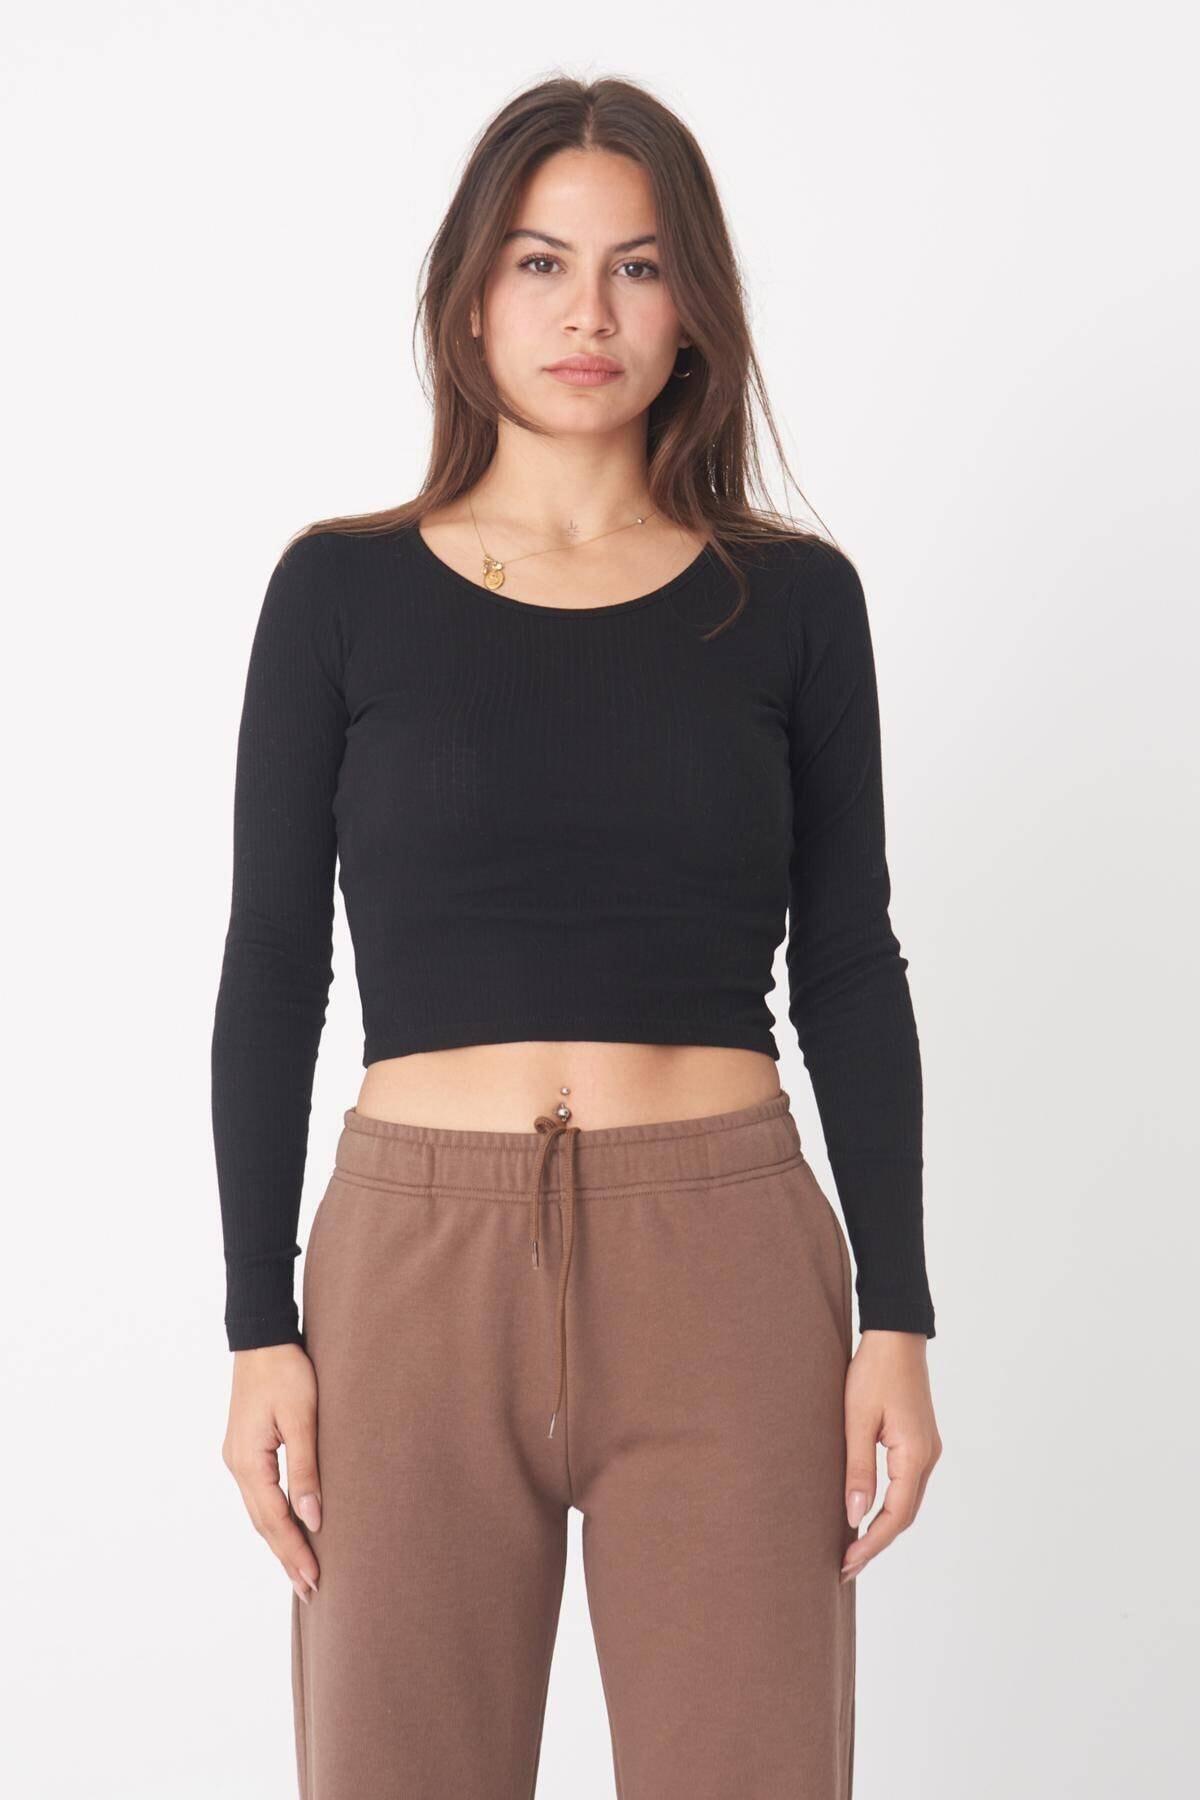 Addax Kadın Siyah Uzun Kollu Bluz B1069 - W12 Adx-0000023026 0